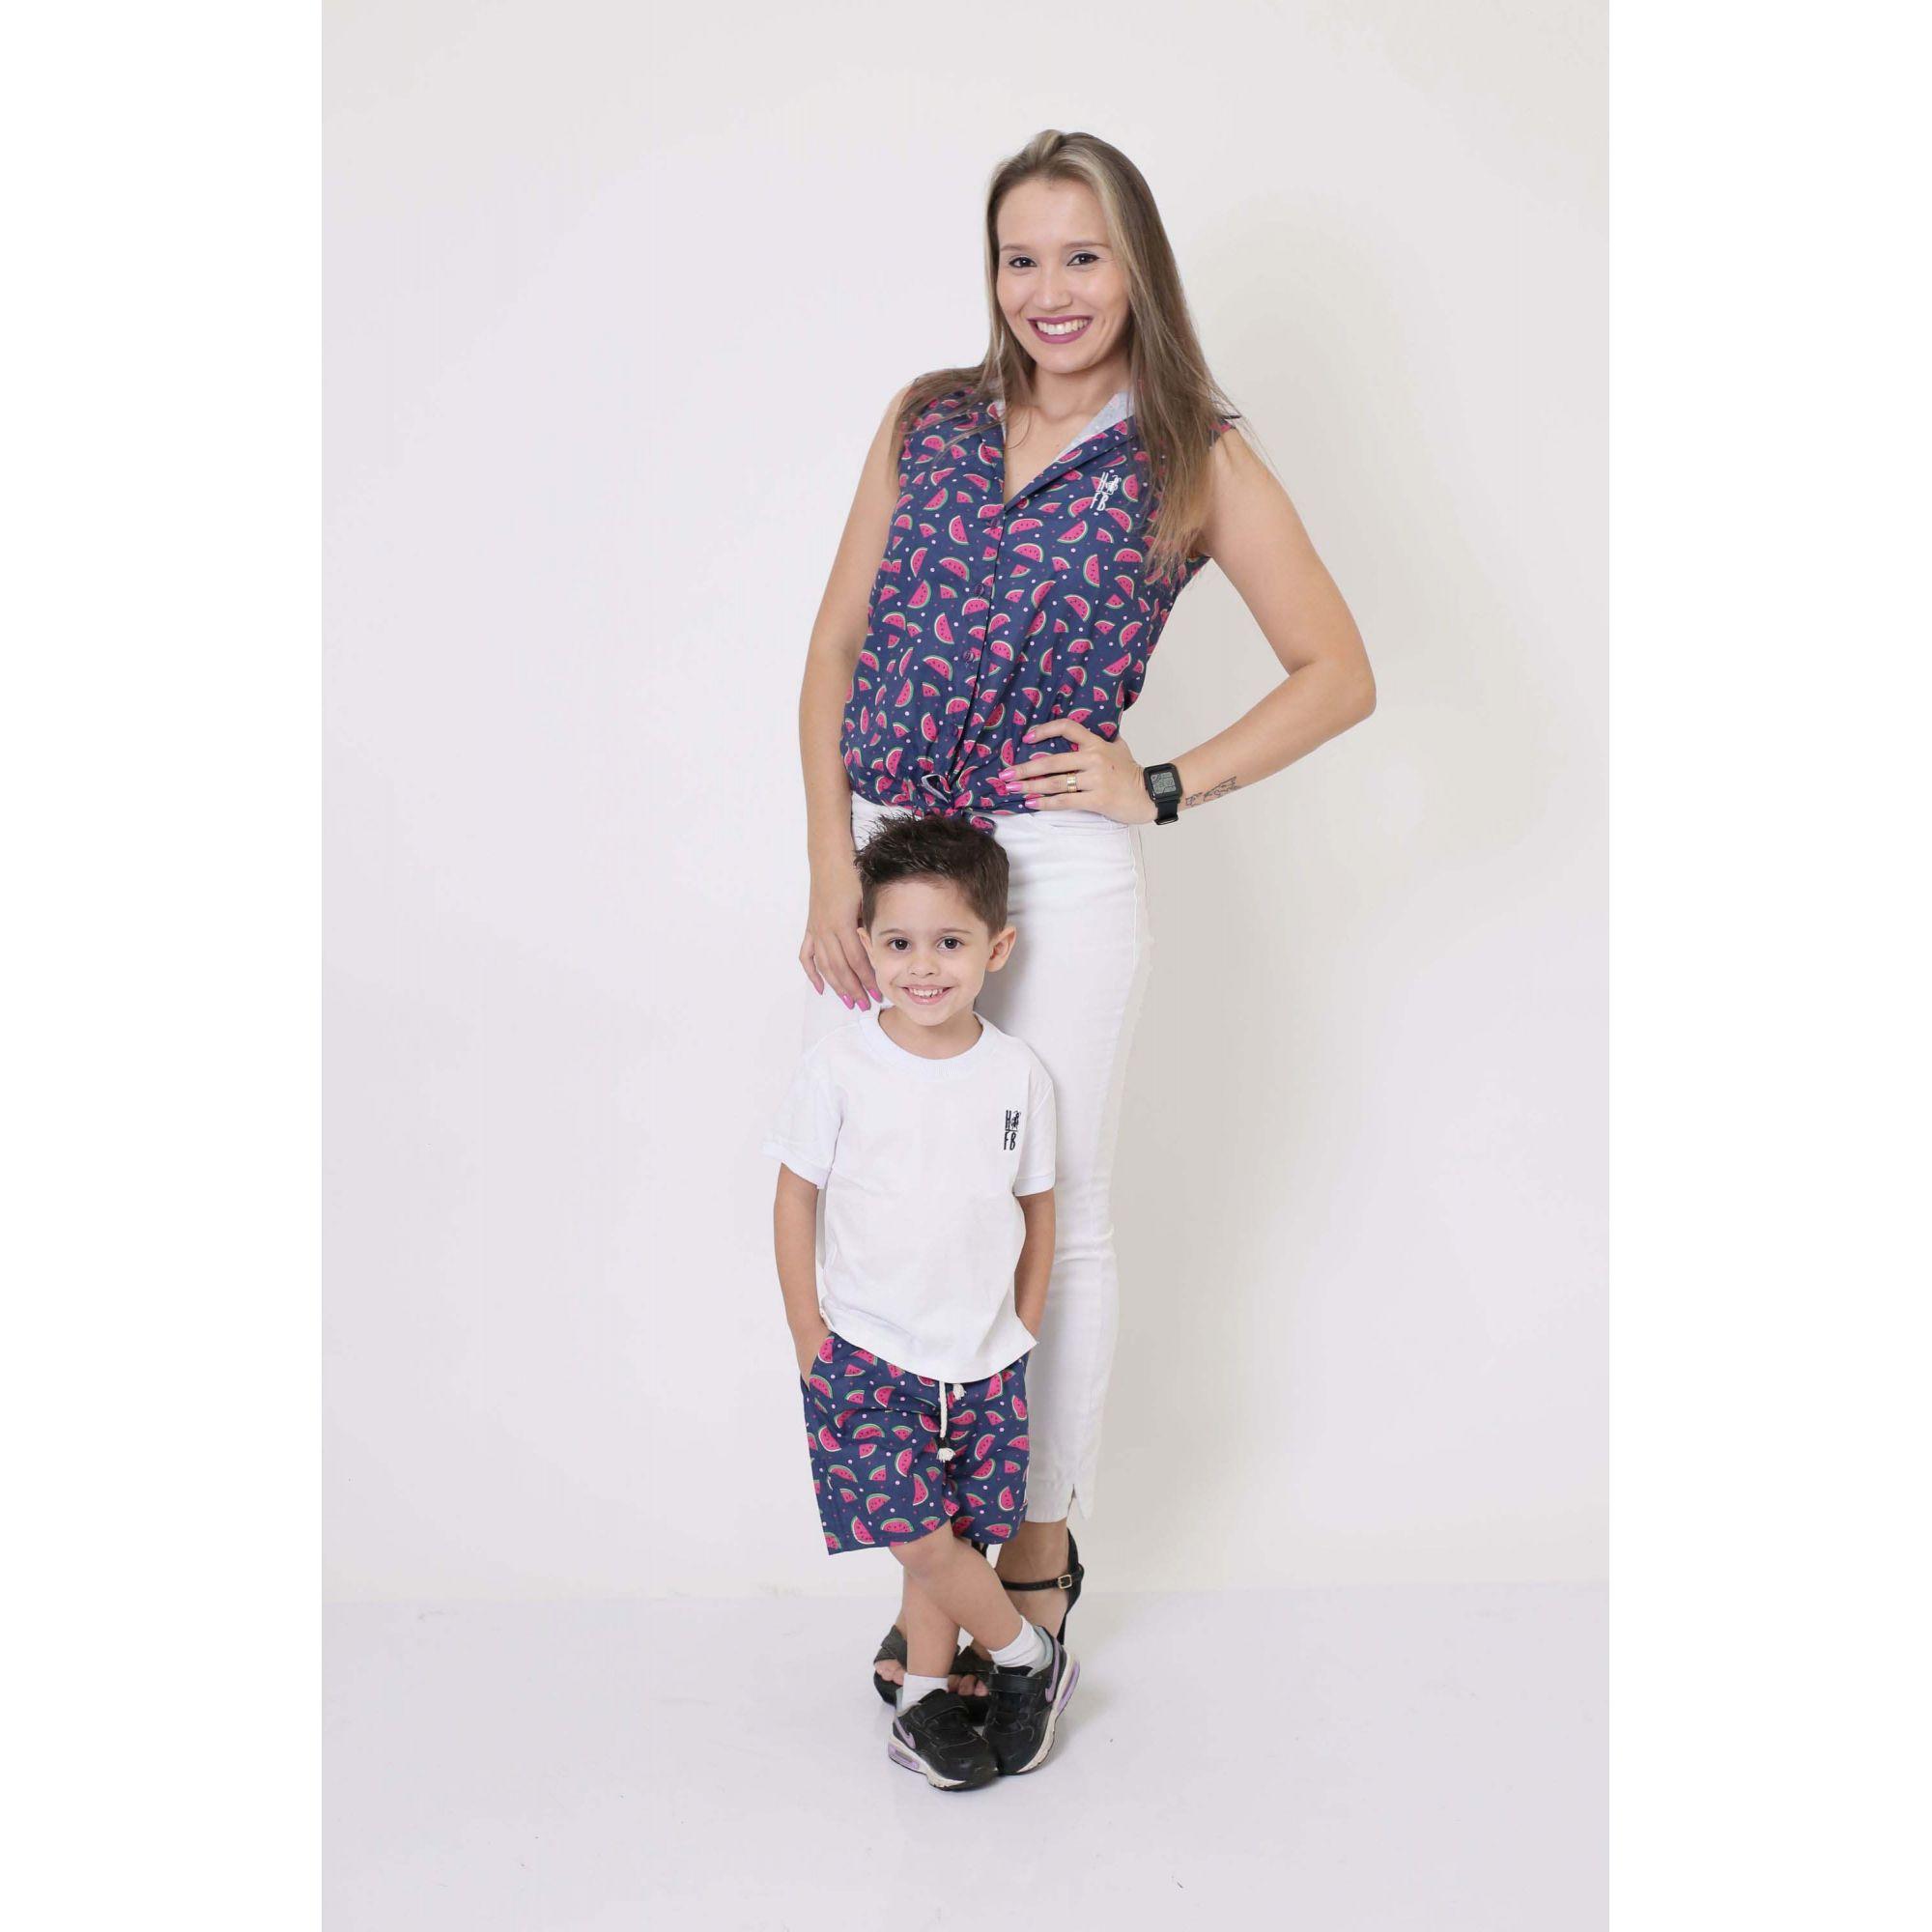 MÃE E FILHO > Camisa Feminina + Bermuda Infantil Melancia [Coleção Tal Mãe Tal Filho]  - Heitor Fashion Brazil